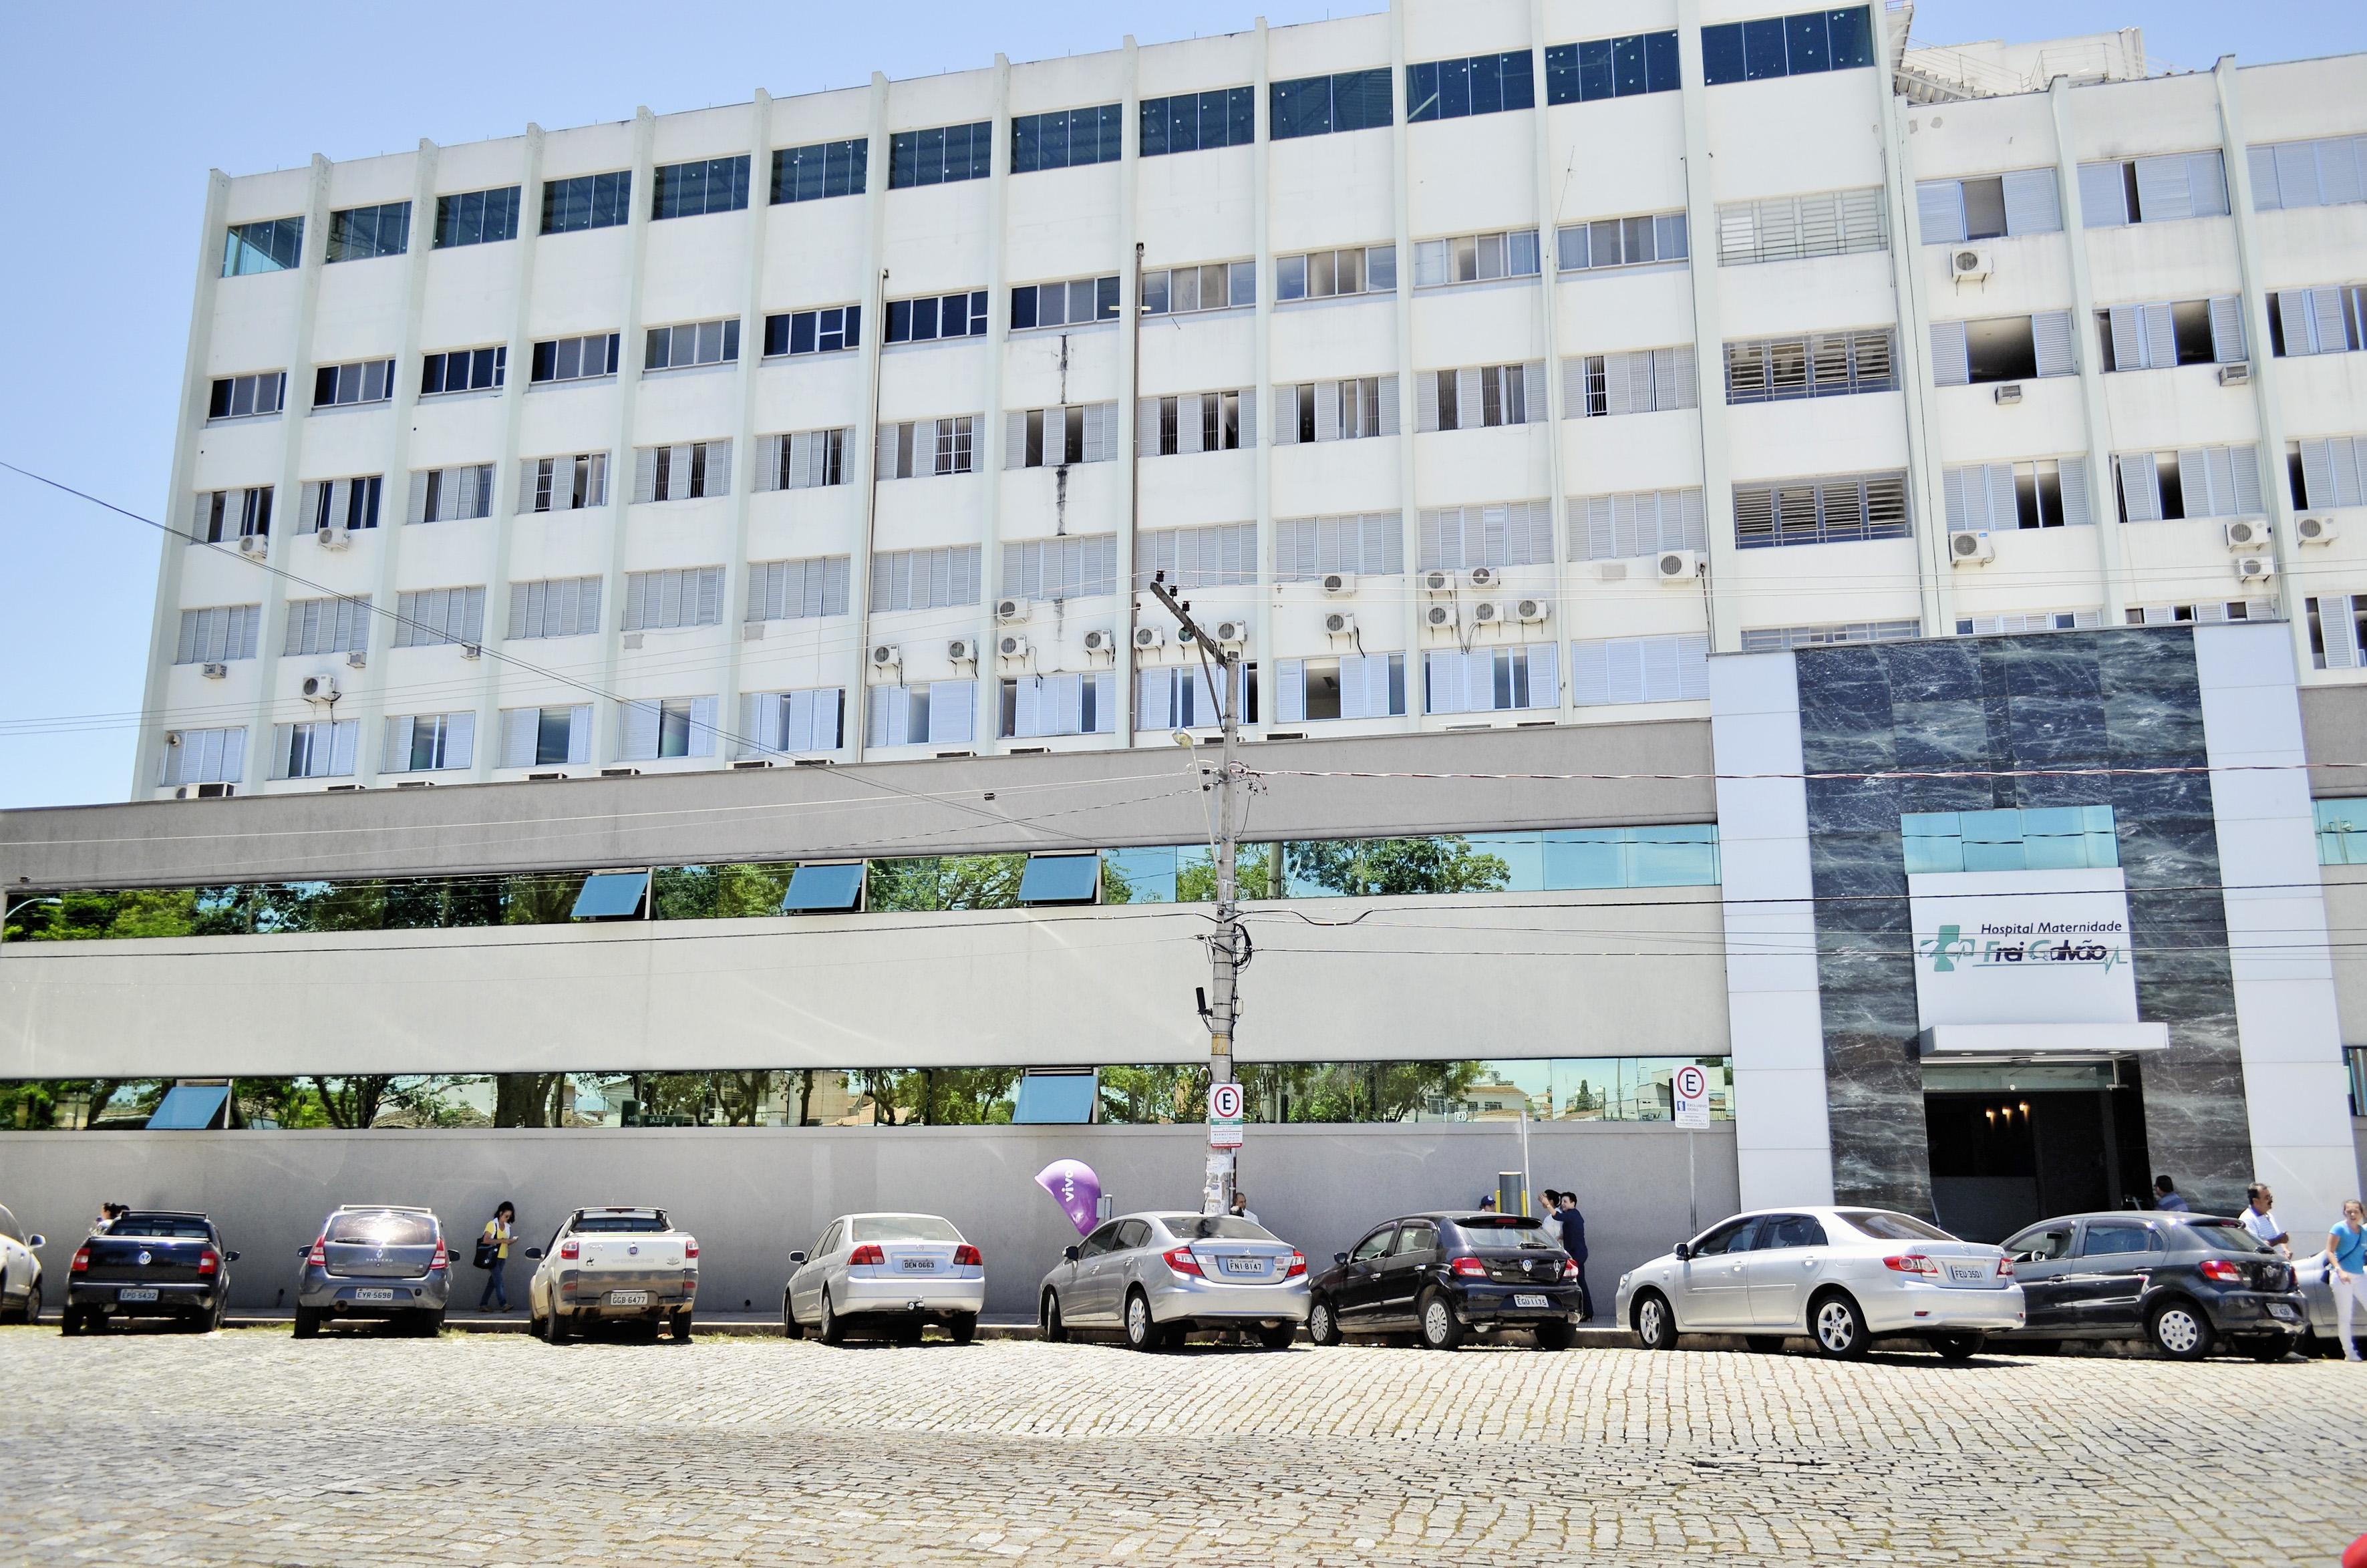 Área para estacionamento em frente ao Hospital Frei Galvão; pacientes pedem o fim das vagas rotativas em áreas próximas ao atendimento (Foto: Leandro Oliveira)